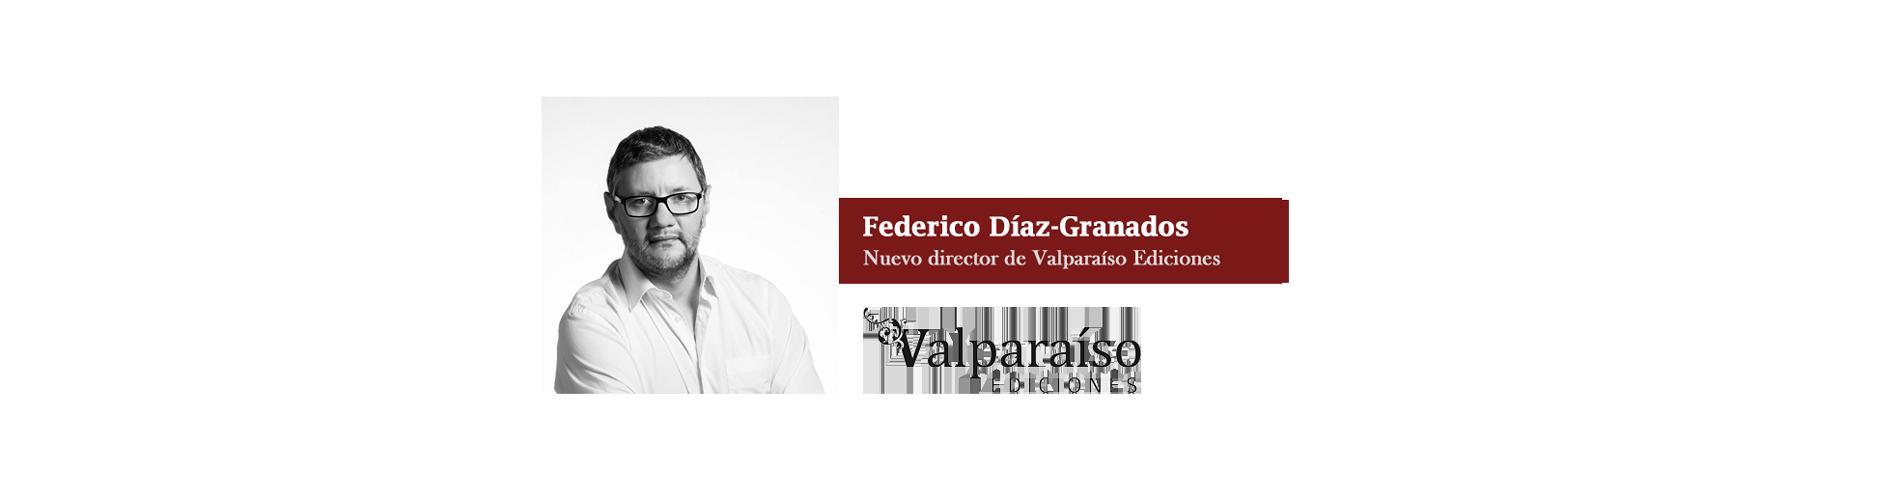 Federico Díaz-Granados, nuevo director de Valparaíso Ediciones